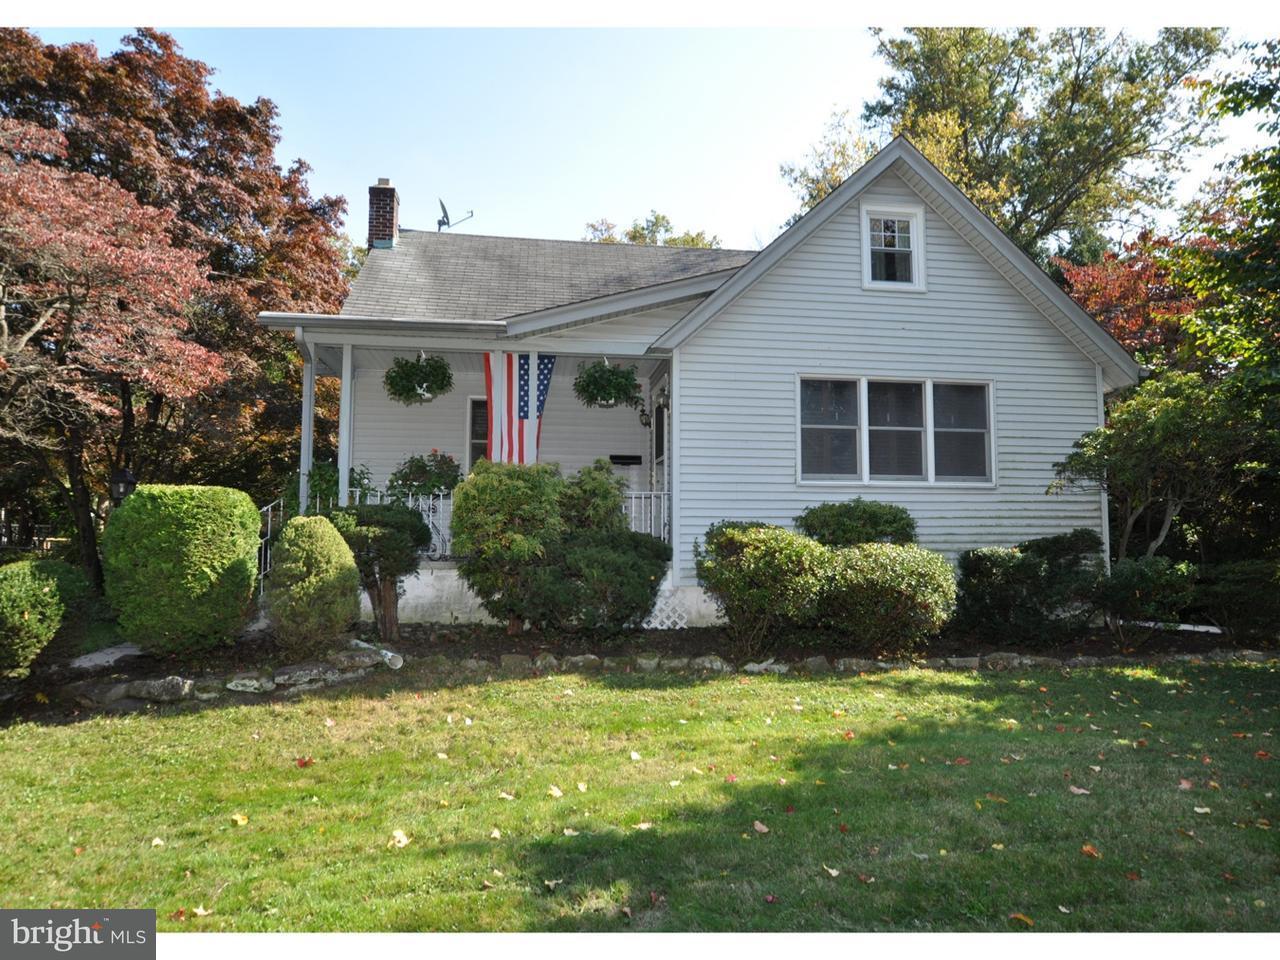 独户住宅 为 销售 在 156 W CENTRAL Avenue Moorestown, 新泽西州 08057 美国